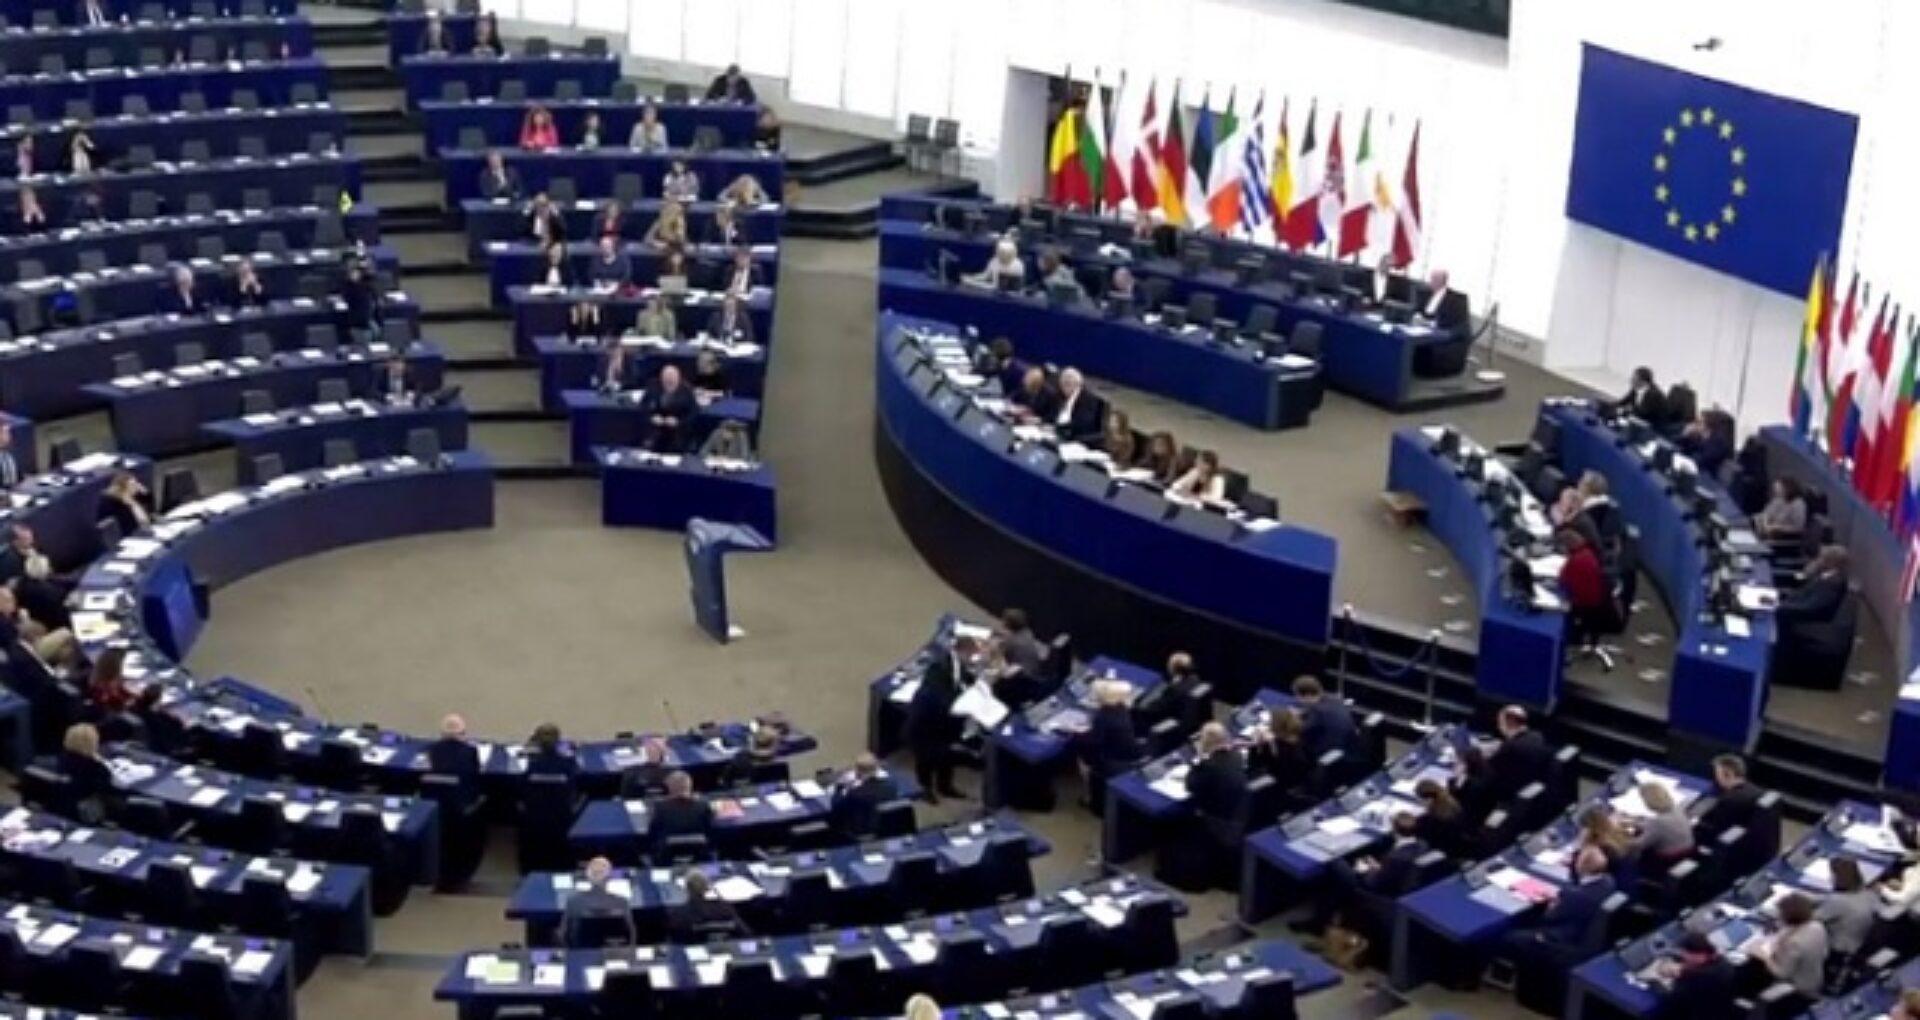 Europarlamentari: Modificările ce subminează integritatea procesului electoral în R. Moldova sunt inacceptabile